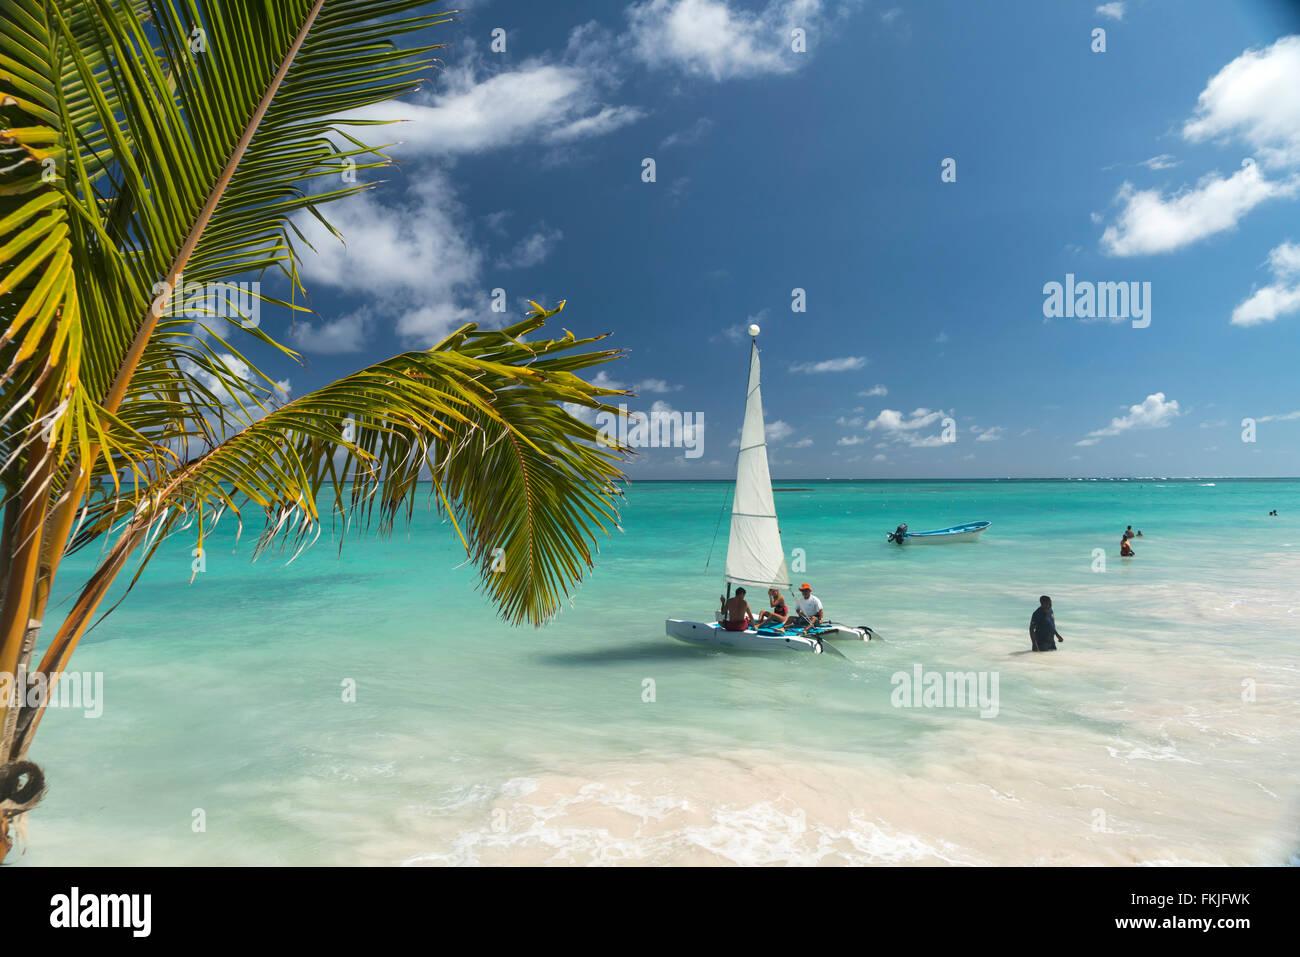 Bote de vela en la playa de Playa Bavaro, Punta Cana, República Dominicana, El Caribe, América, Imagen De Stock